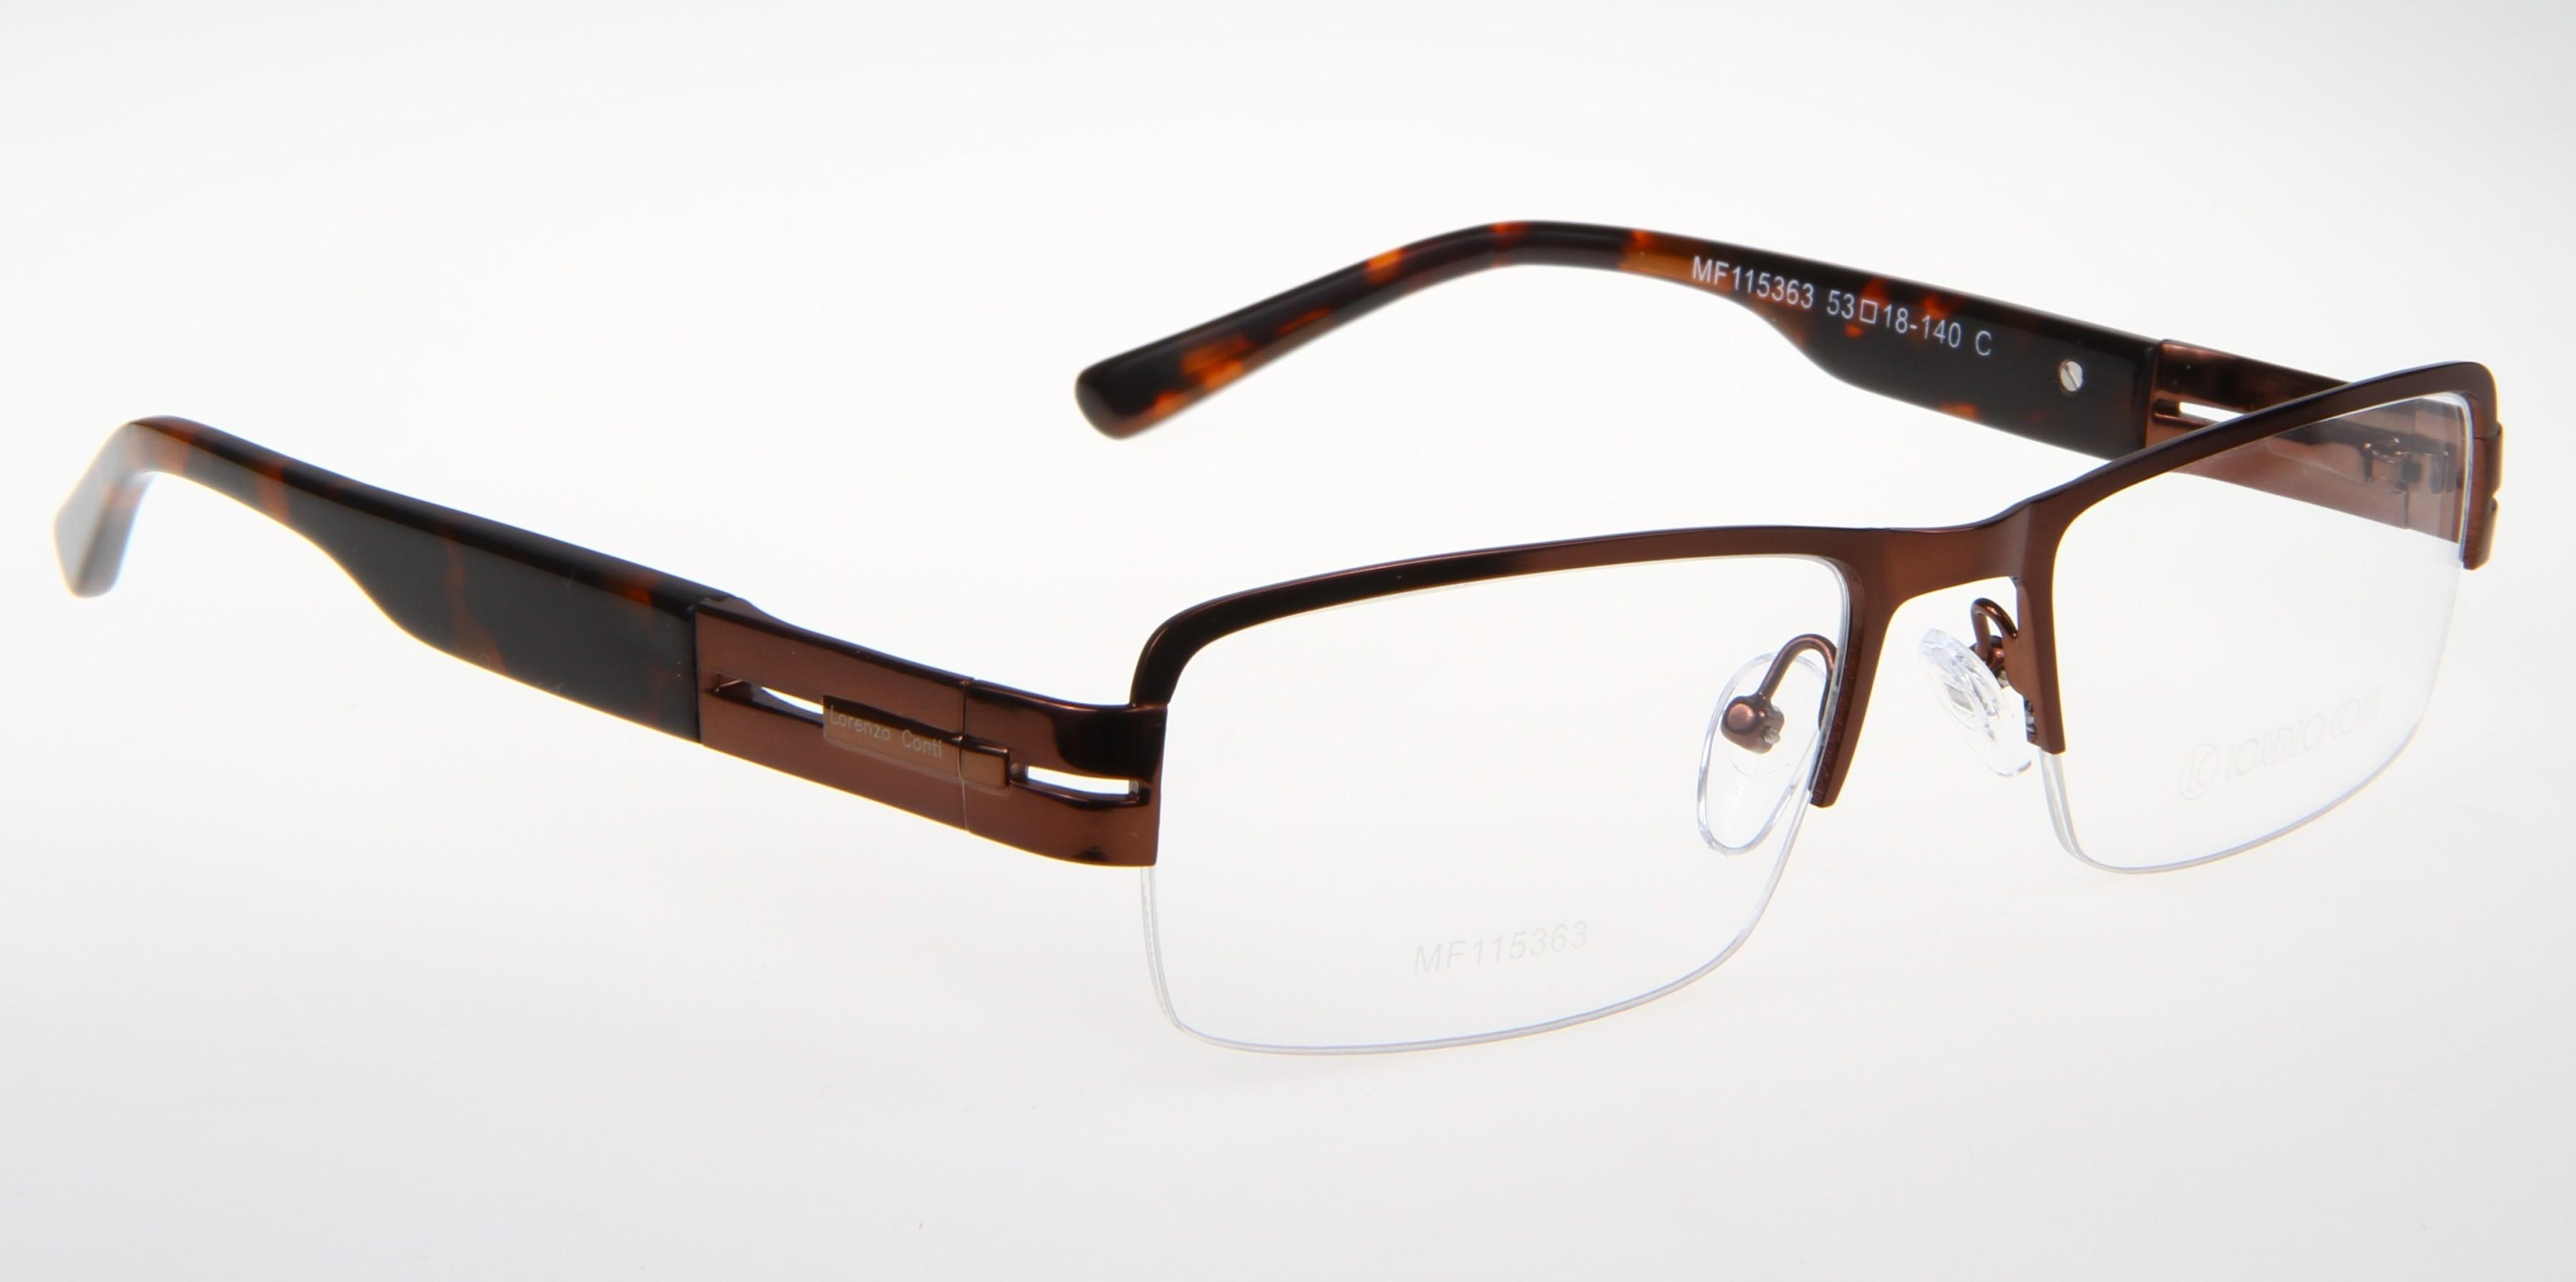 Oprawki okularowe Lorenzo MF115363 col. C brązowy